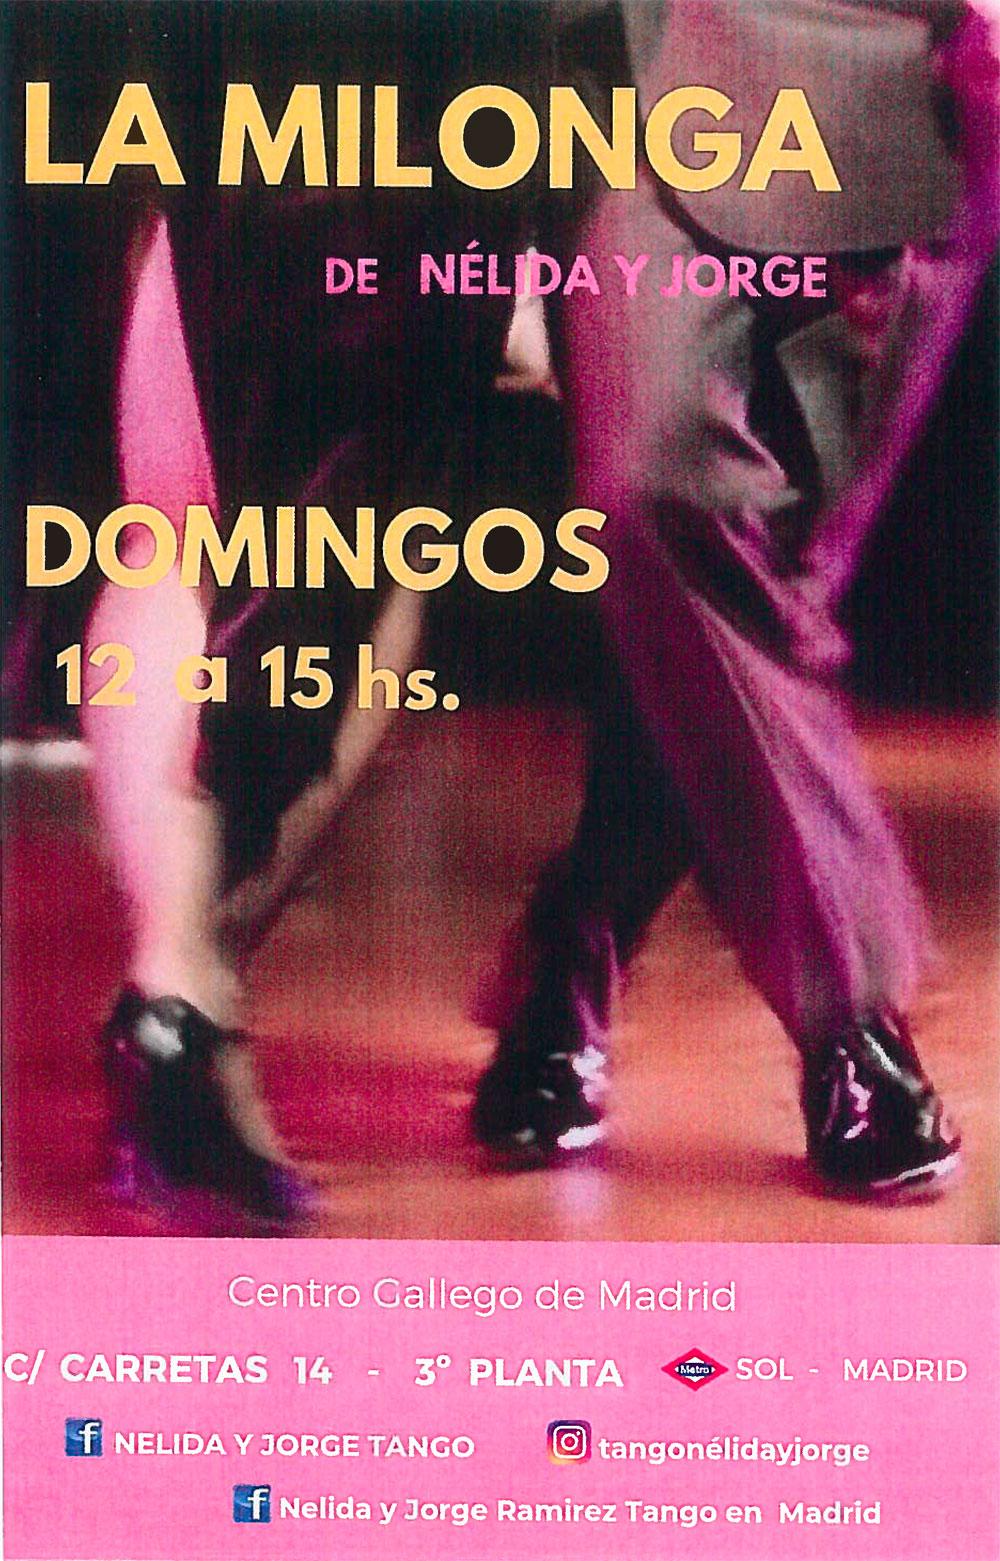 Nélida y Jorge. Clases de Tango los domingos